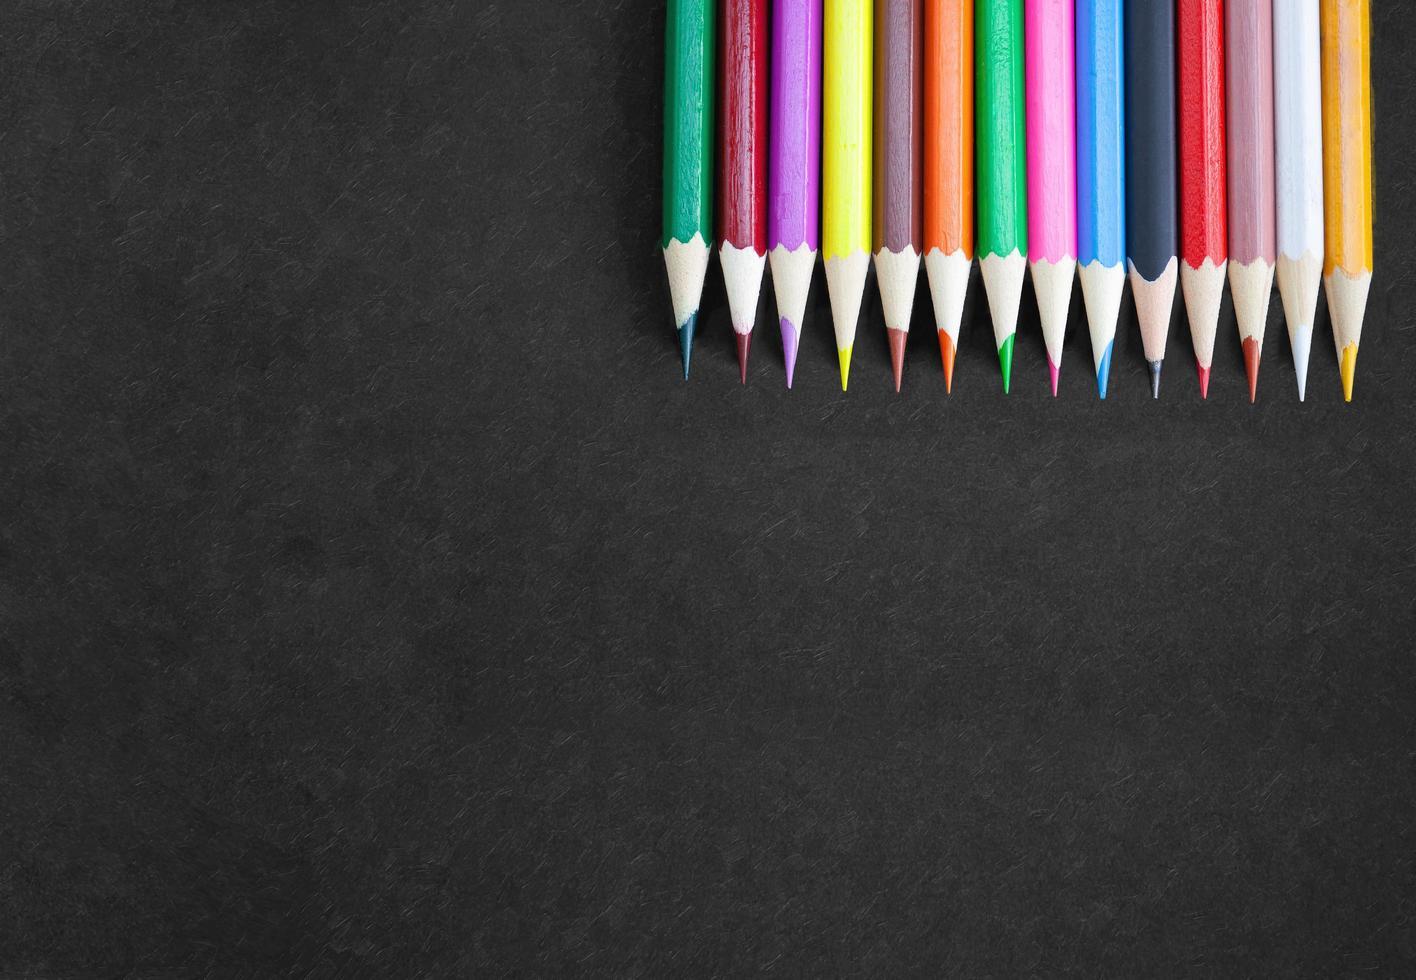 concepto de banner de dibujo, lápices de colores en la esquina superior derecha sobre lienzo negro con textura. foto